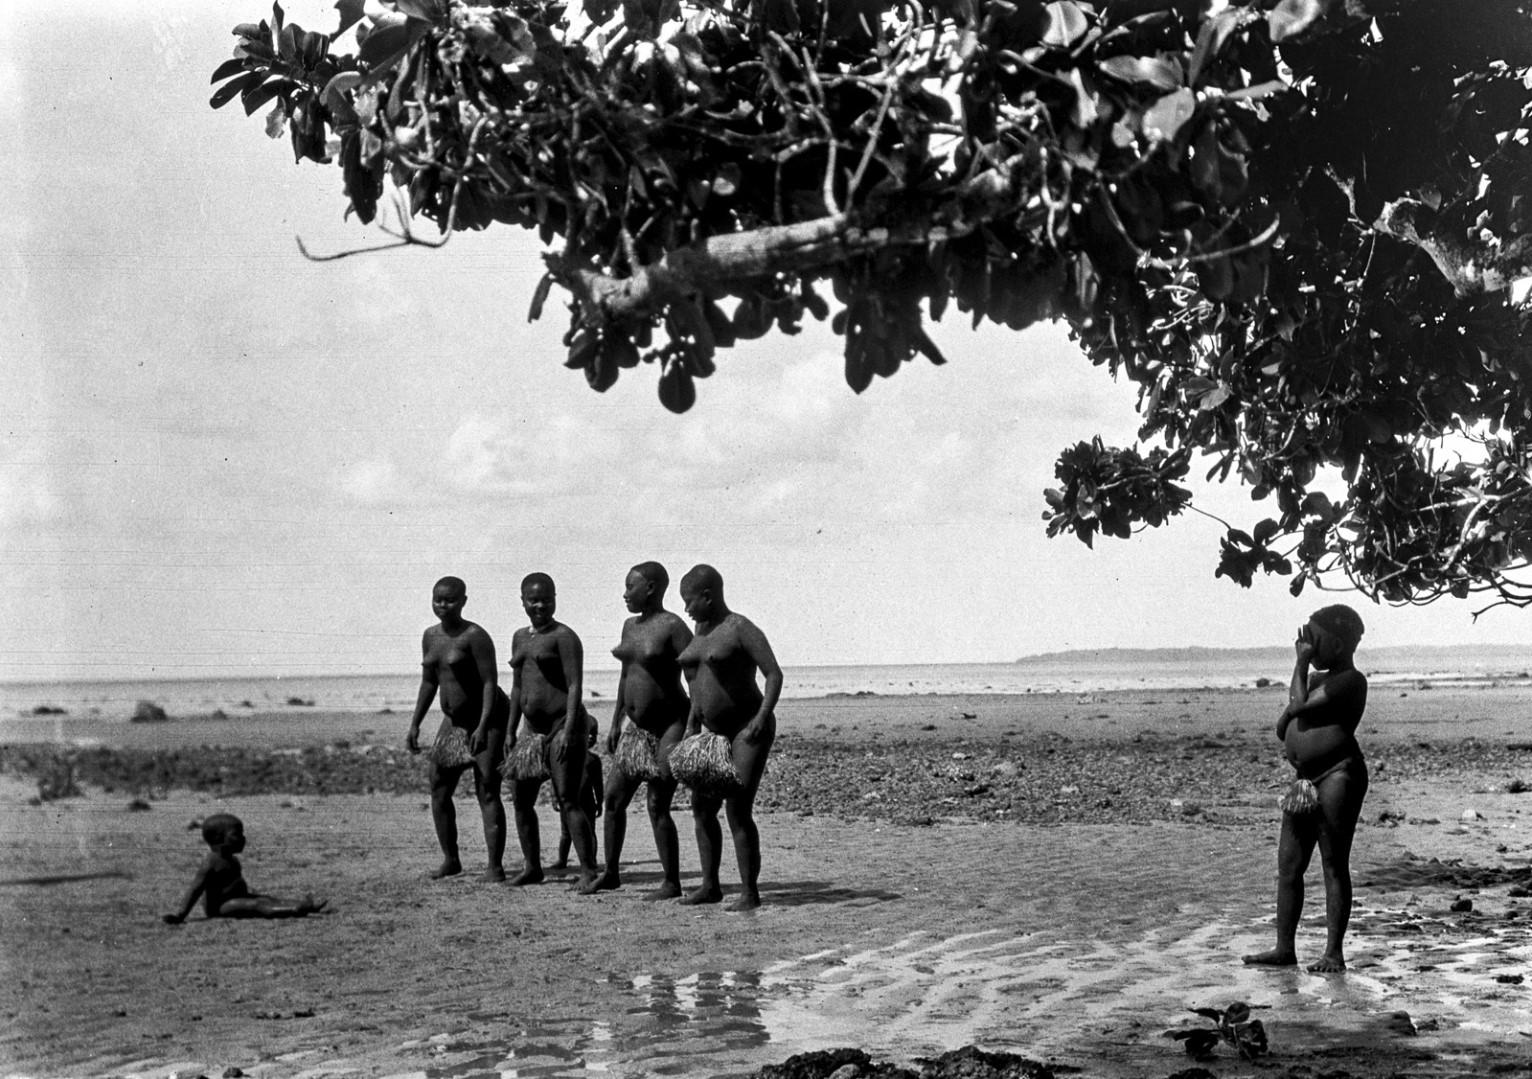 1201. Народность онге. Группа женщин танцует на берегу